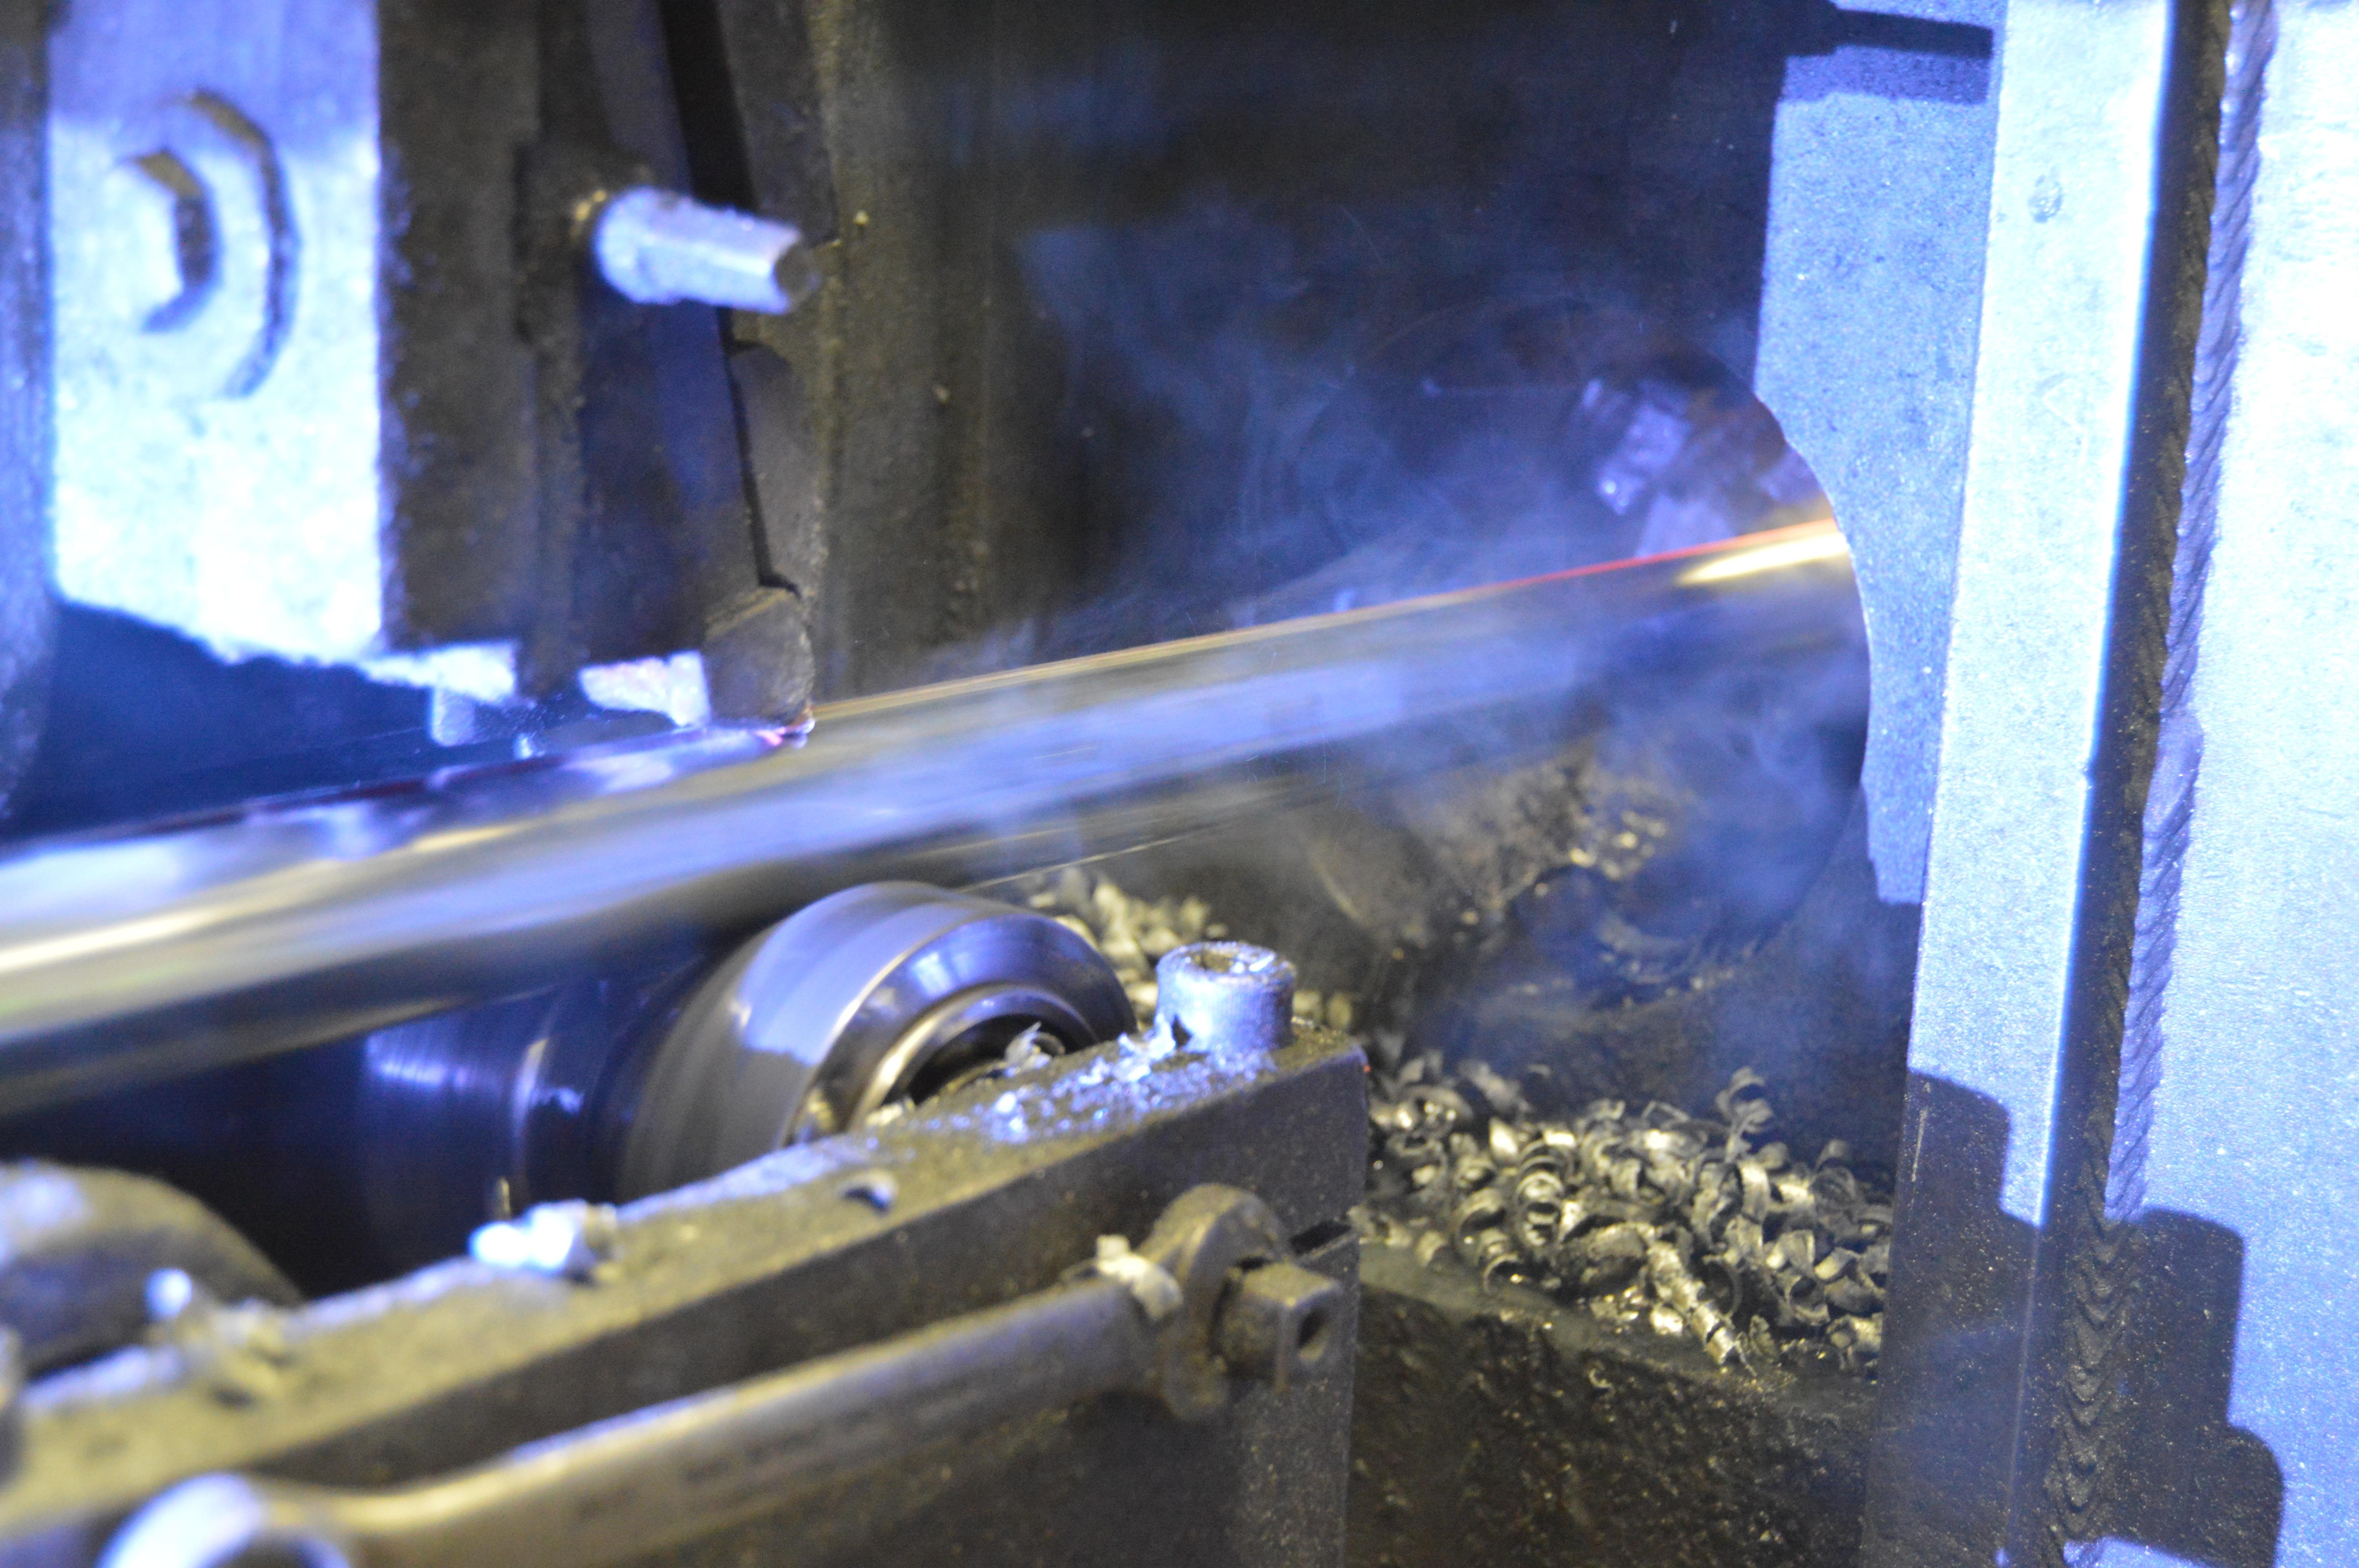 304 stainless steel vs 303 stainless steel.jpg